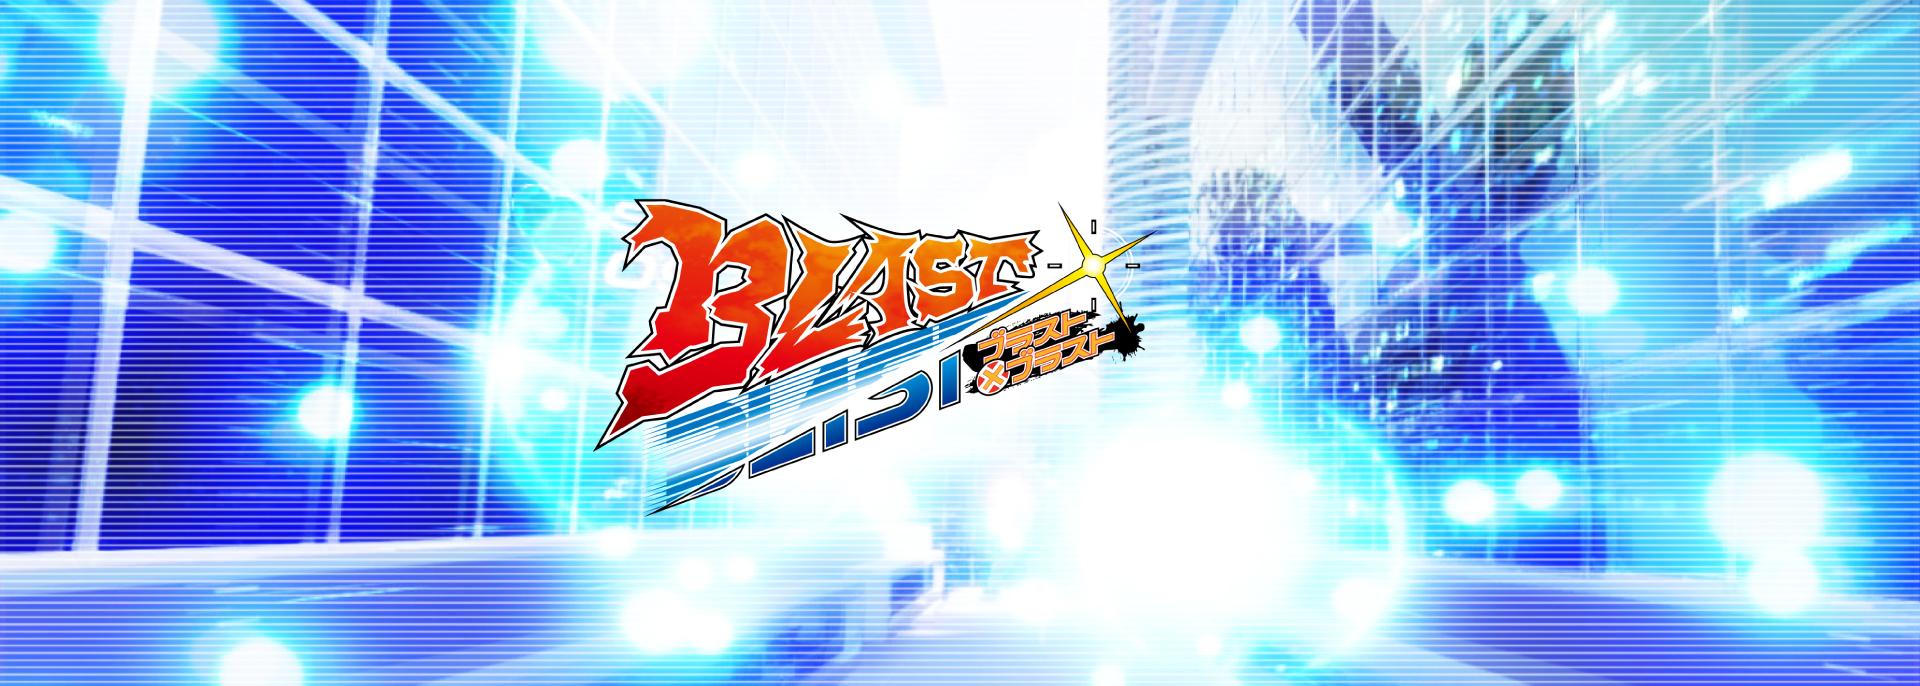 BLAST x BLAST